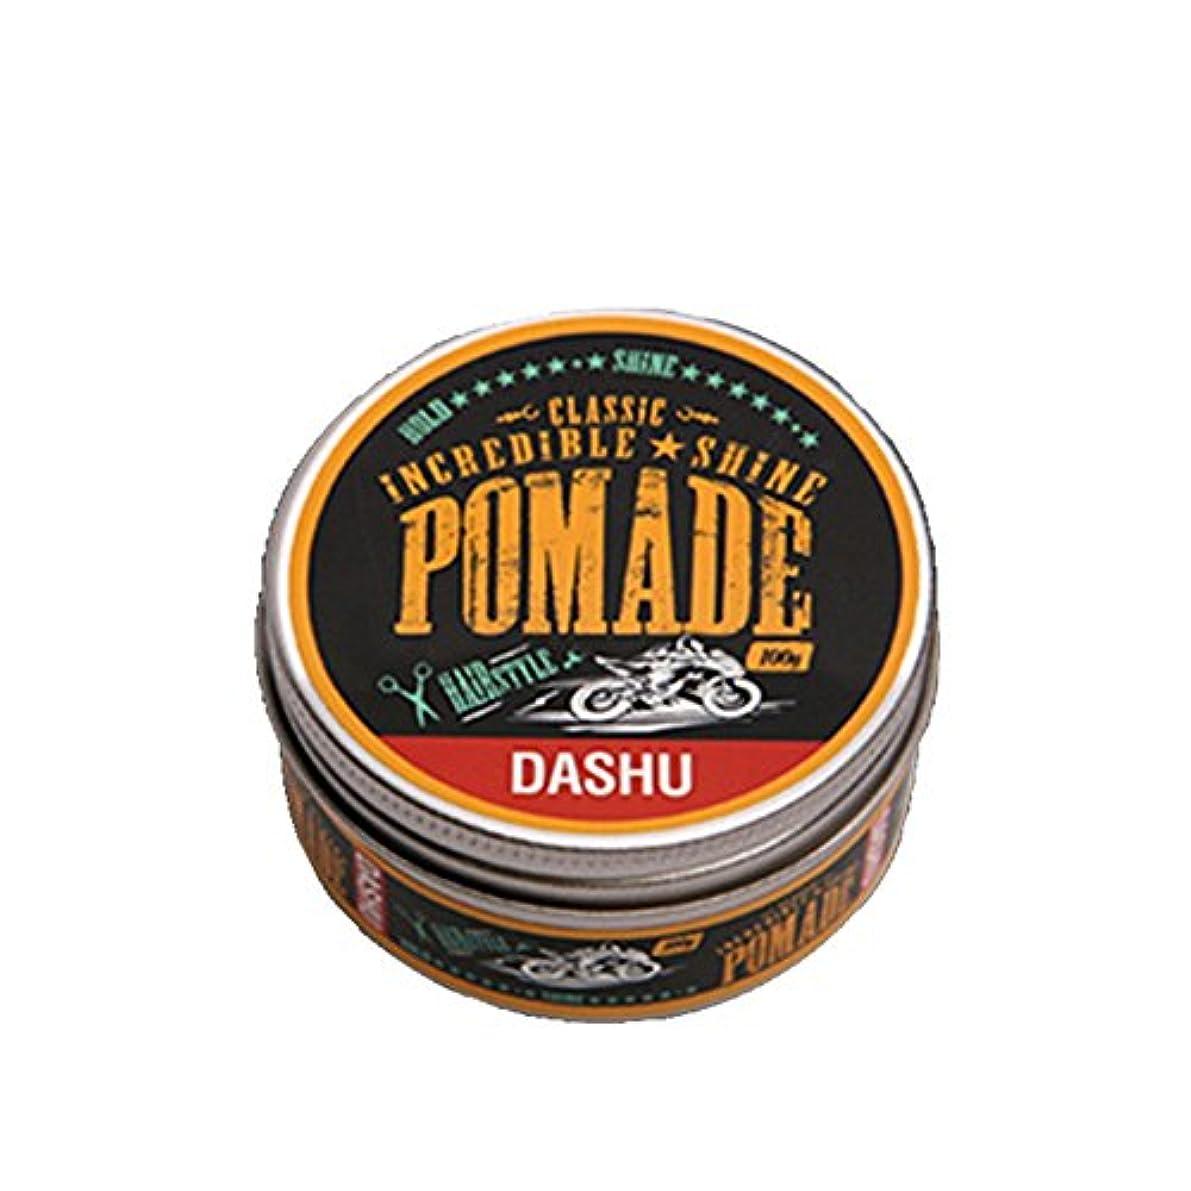 憂慮すべきシリアル哀れな[DASHU] ダシュ クラシック 信じられないほどの輝き ポマードワックス Classic Incredible Shine Pomade Hair Wax 100ml / 韓国製 . 韓国直送品